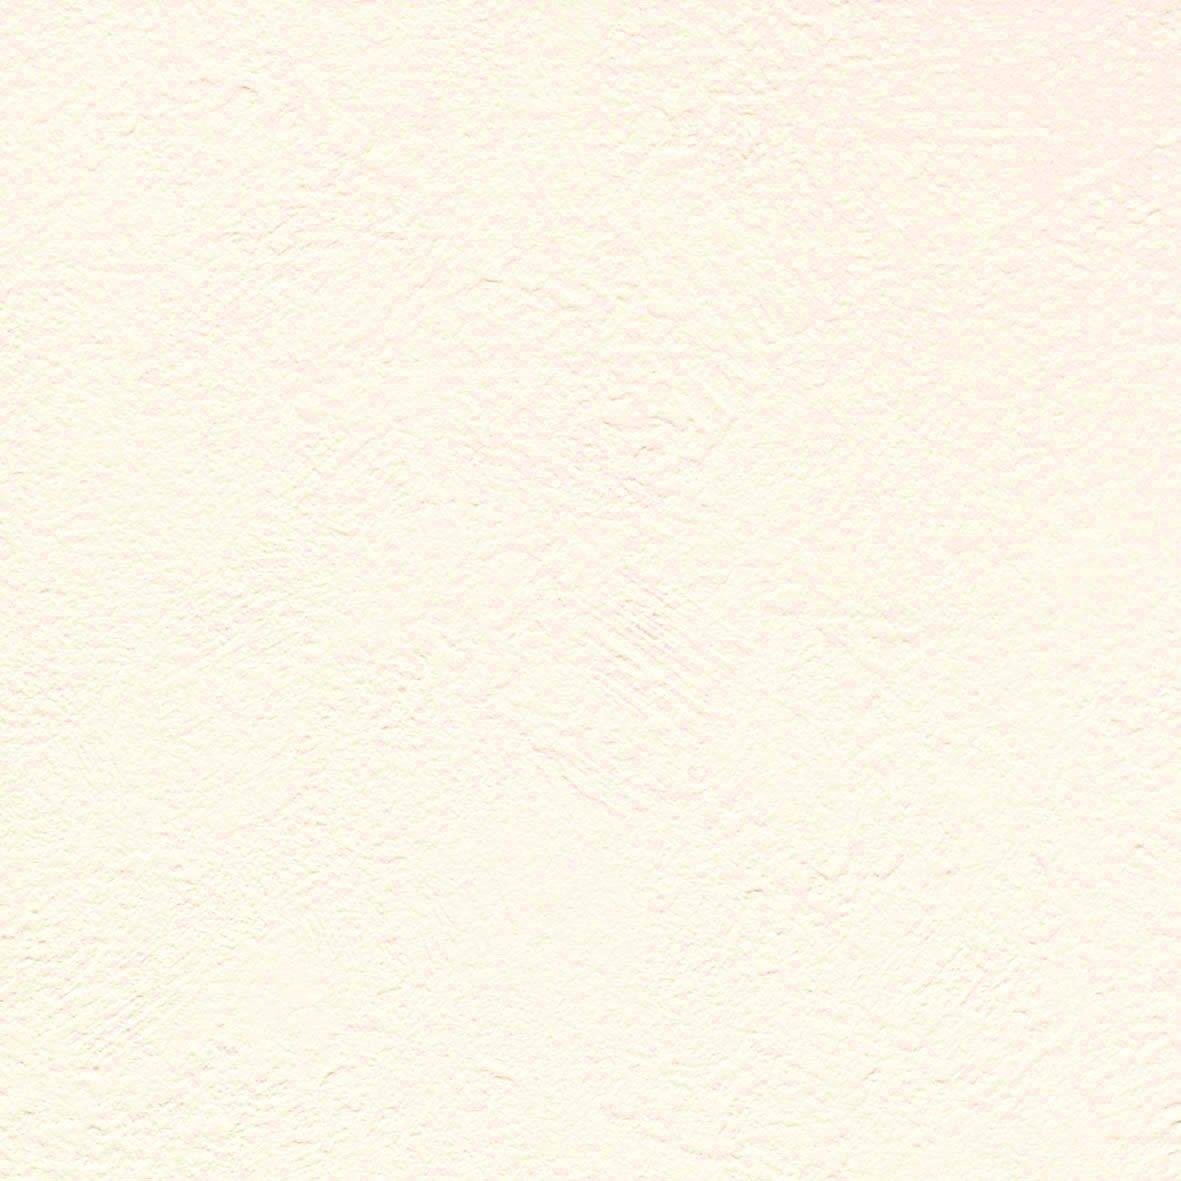 リリカラ 壁紙19m シンフル 石目調 ピンク LL-8237 B01MRH04GU 19m|ピンク1